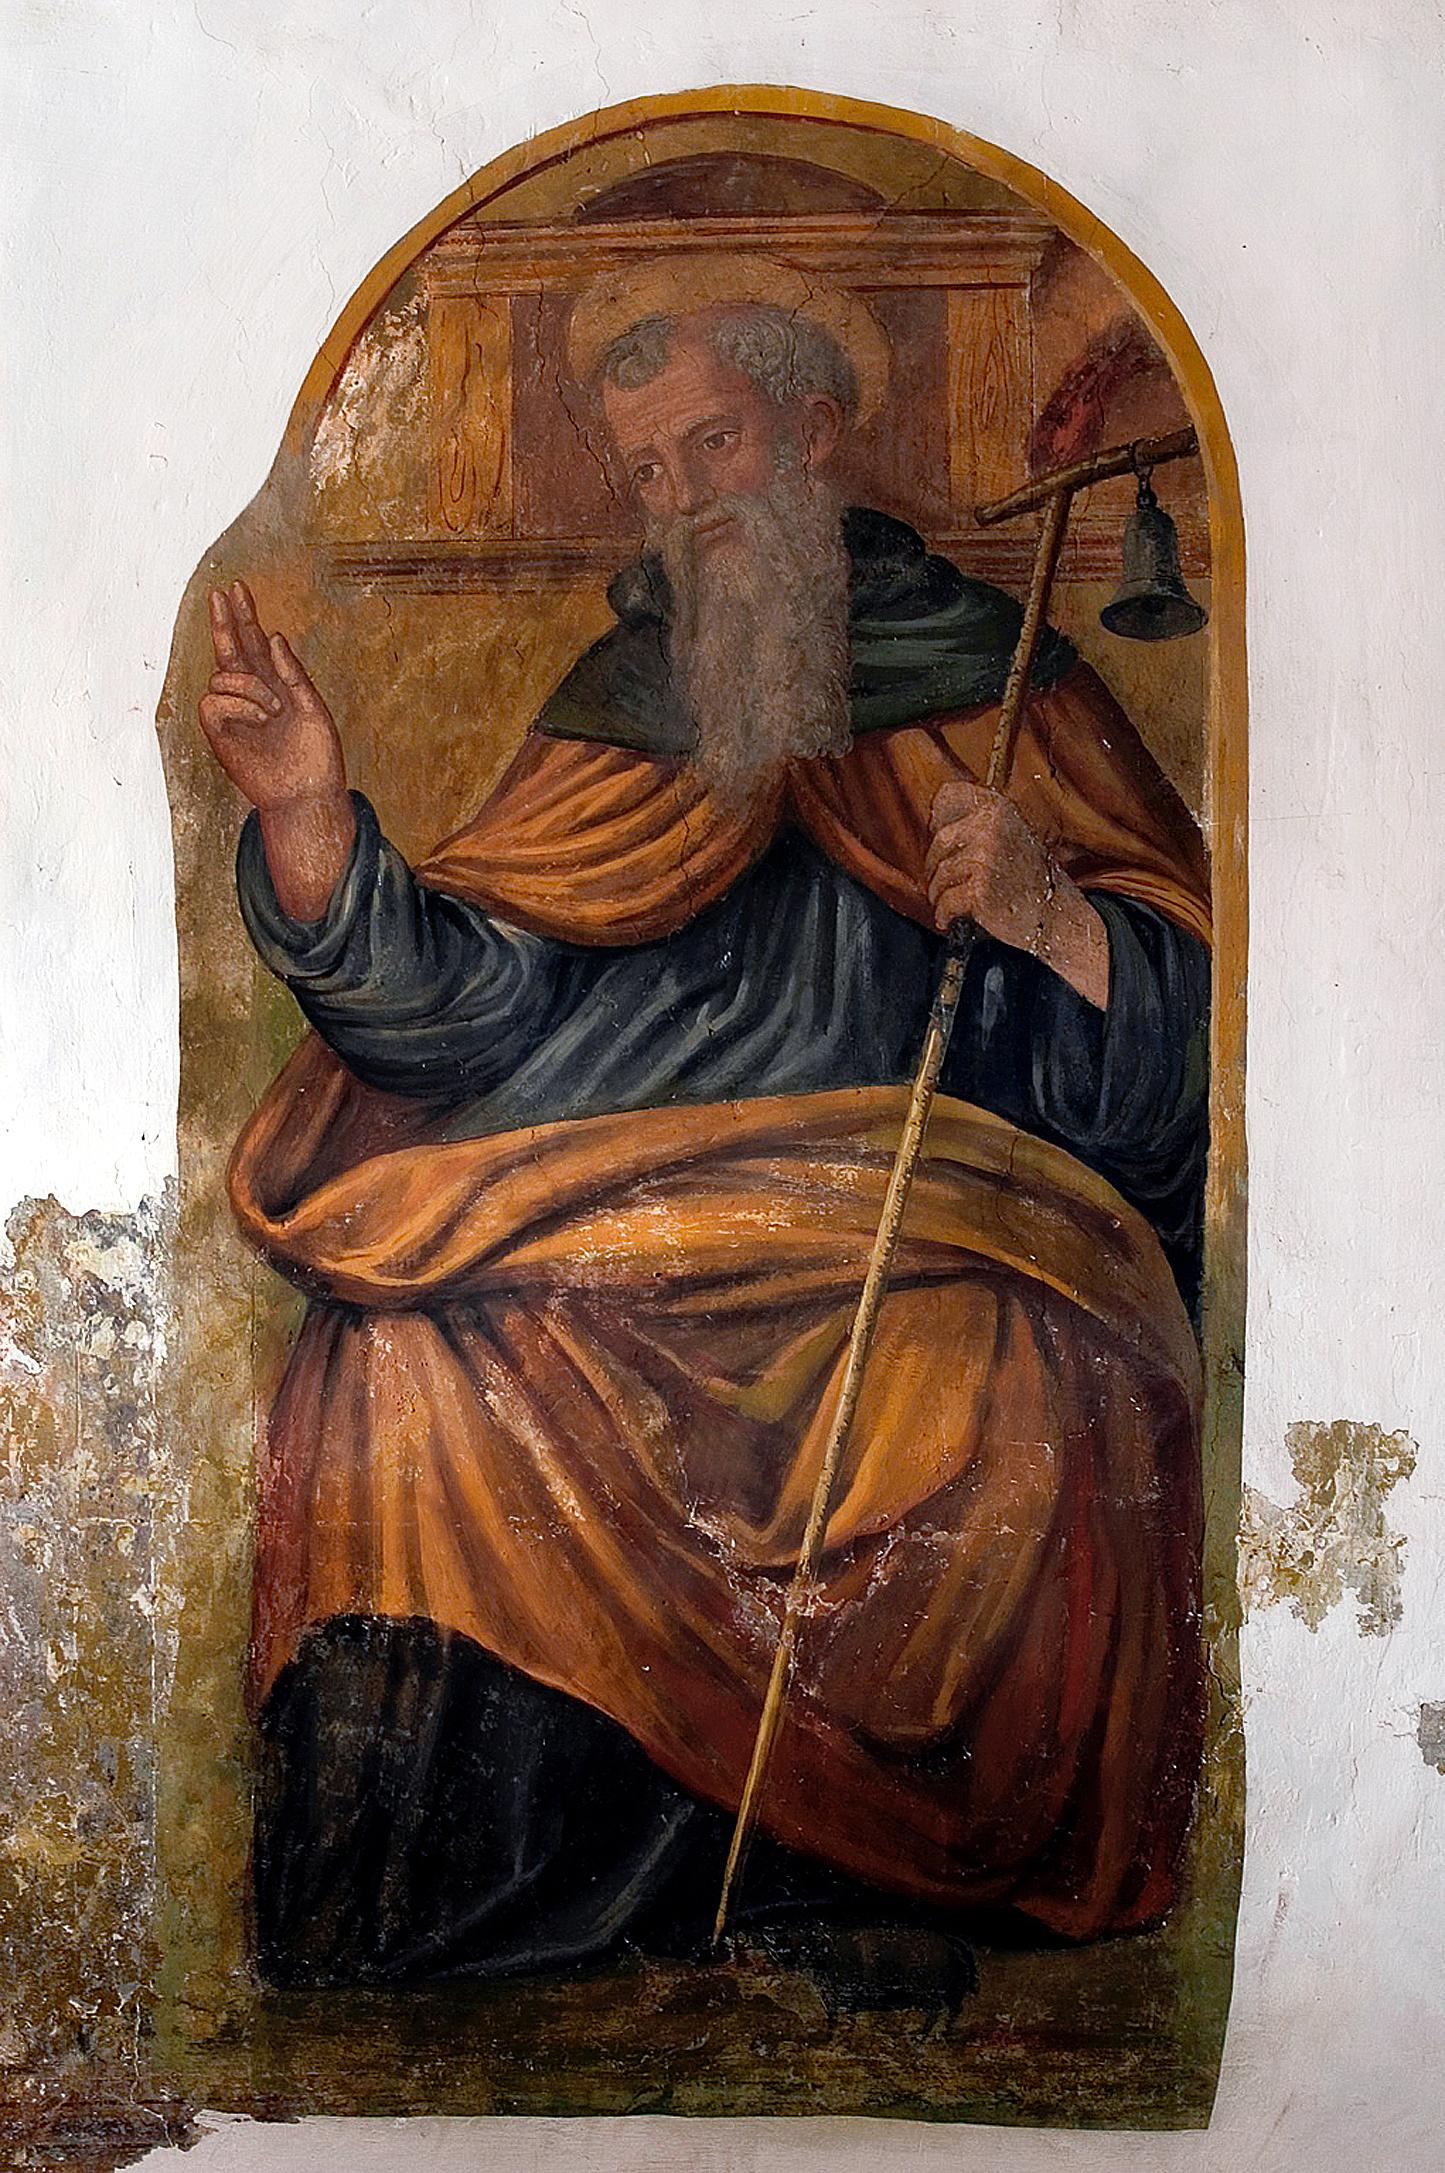 ill,4 : Autore ignoto, secolo XVI, Sant'Antonio Abate